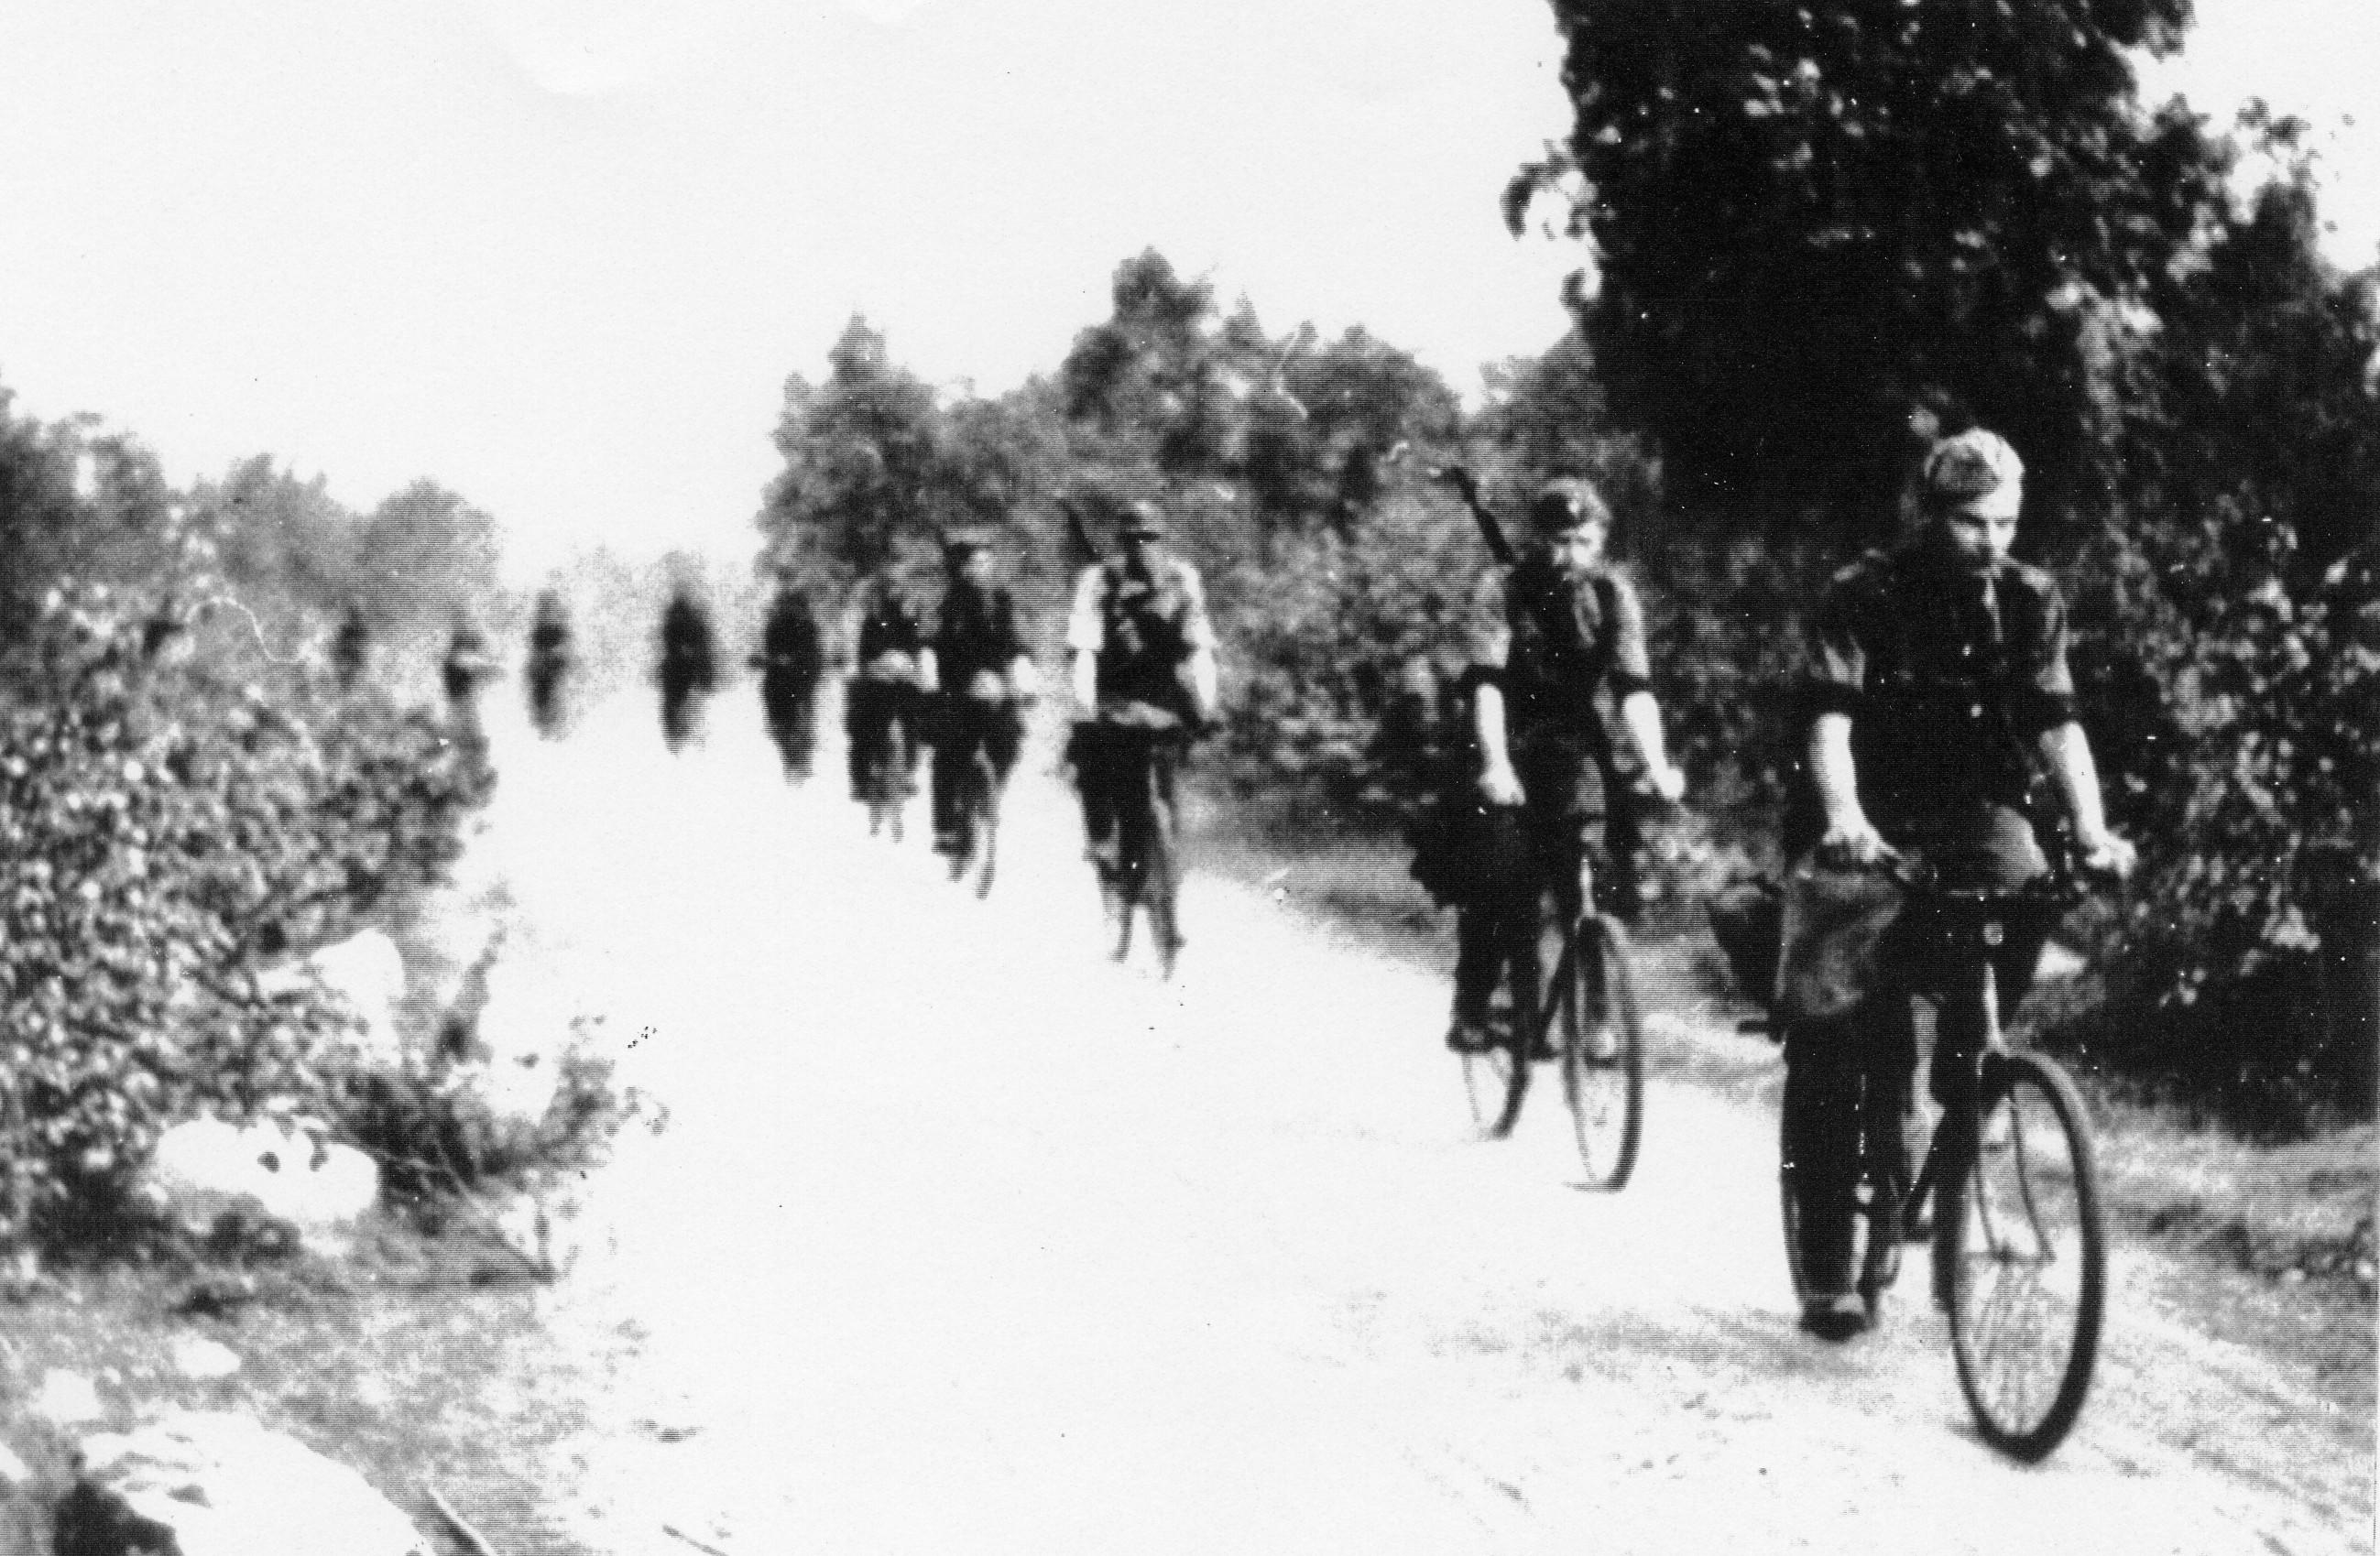 Perttuli ja Varis Lieksajärven kierroksella heinäkuun alussa 1941. Perttuli kärjessä.